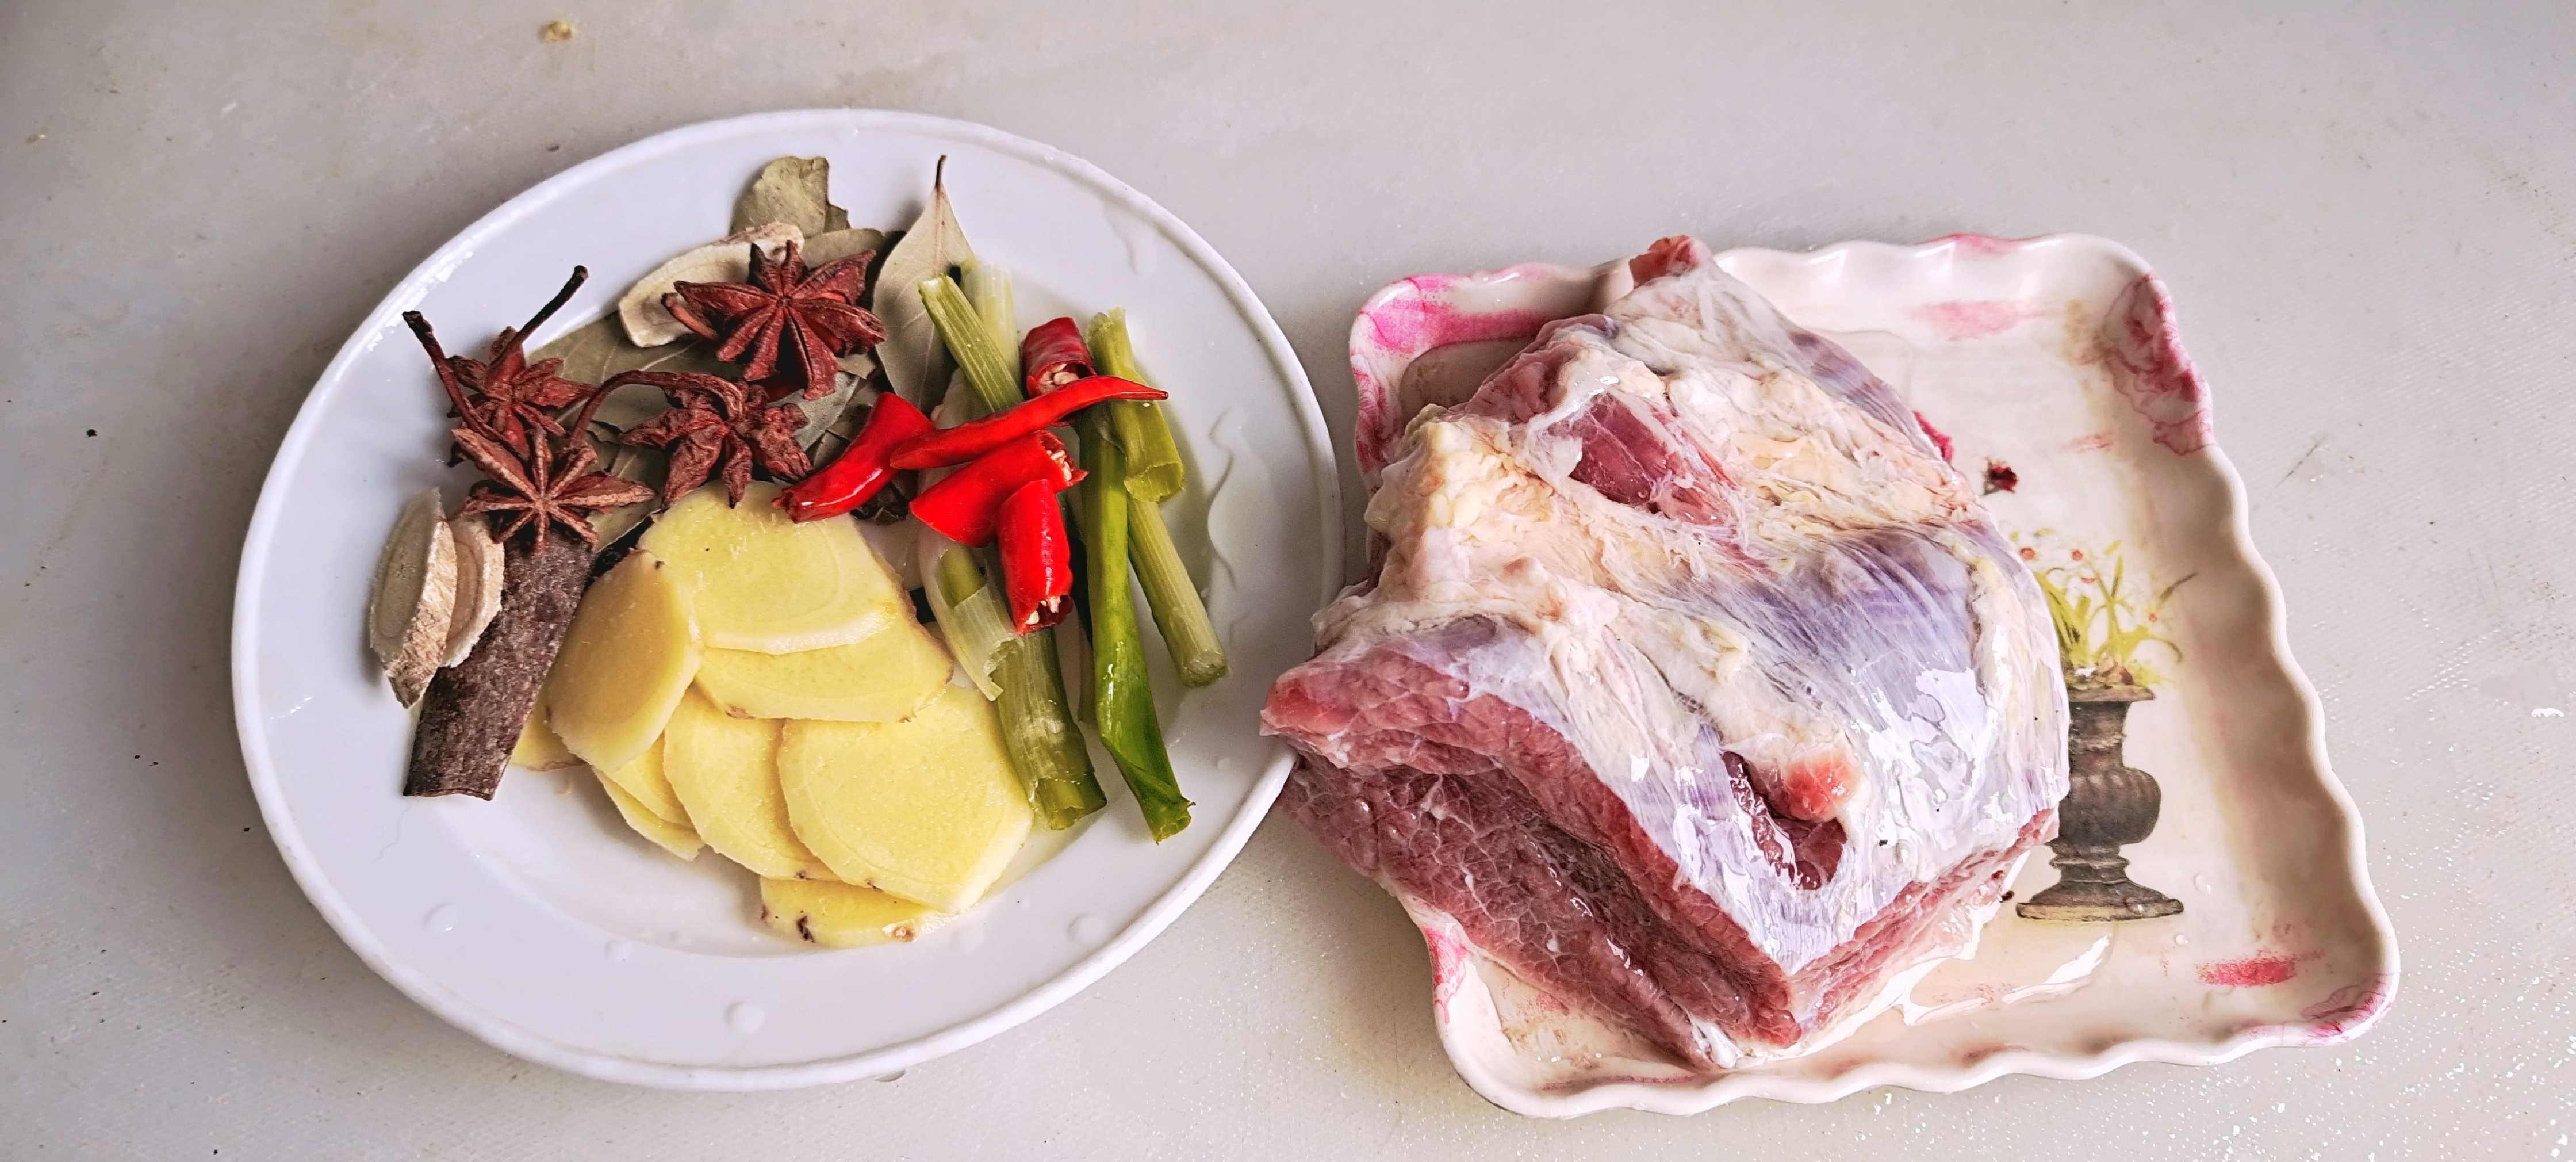 冬季牛肉这样做,暖身暖胃又滋补…红焖牛肉锅的做法大全